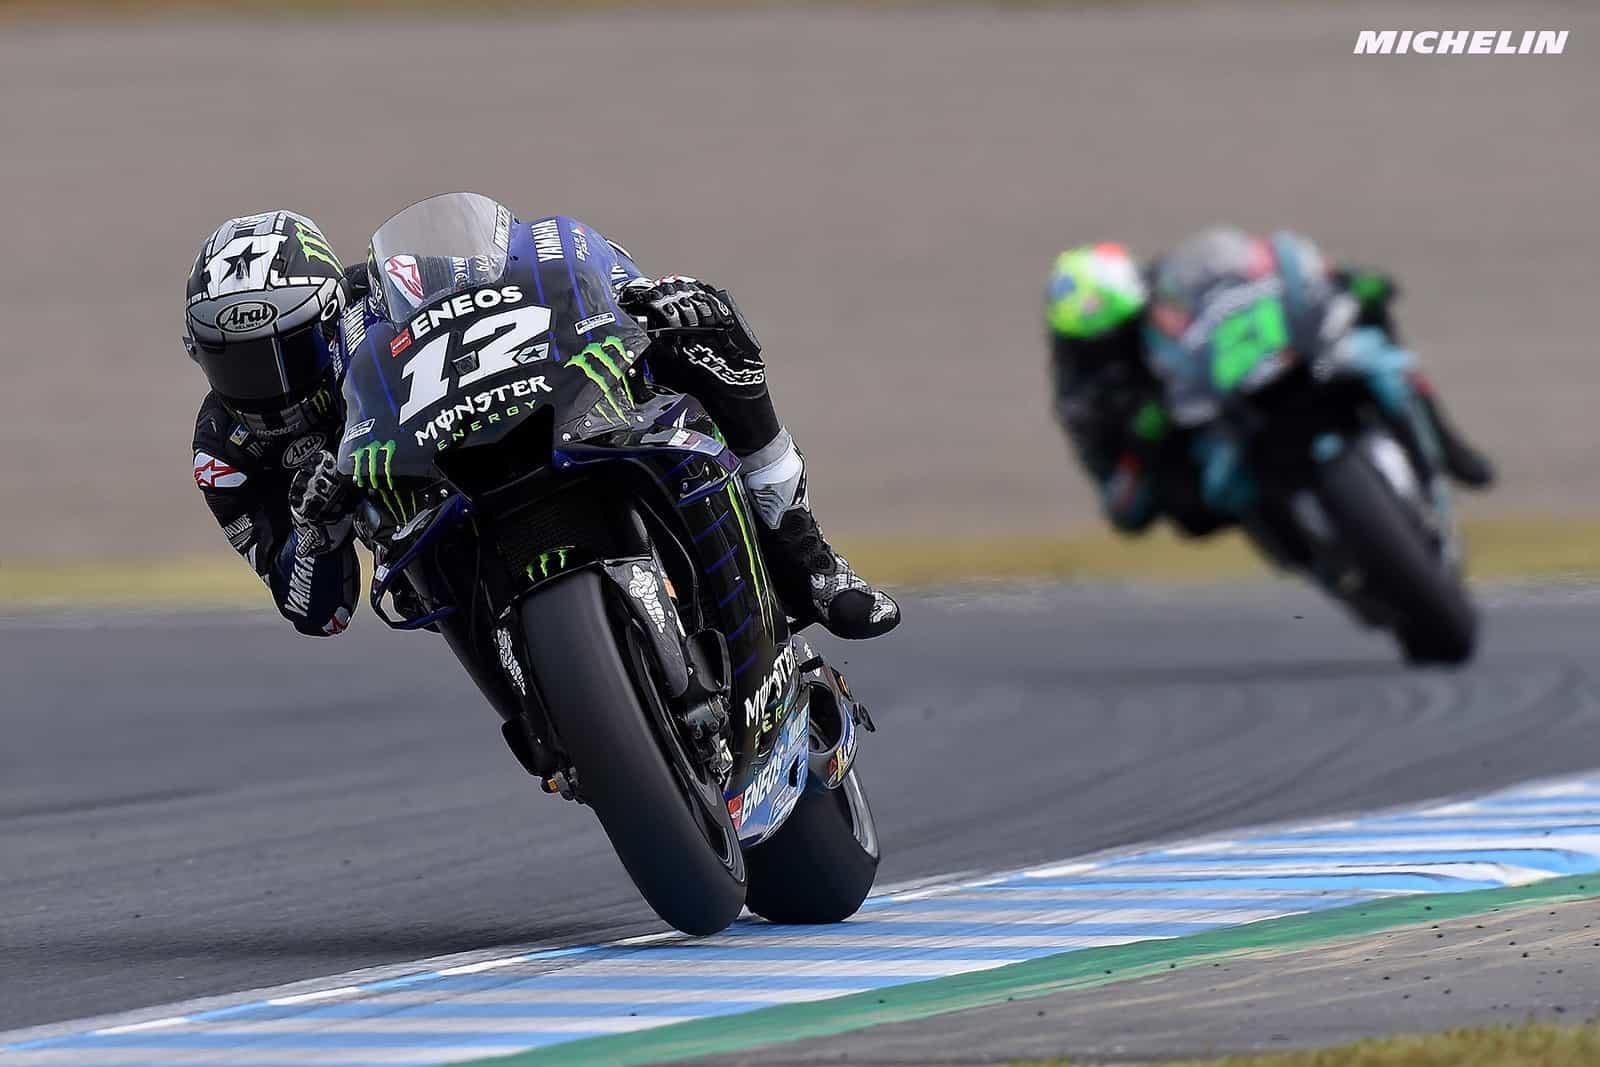 MotoGP2019日本GP 4位ビニャーレス「フロントロースタートなら優勝争いが出来たかも」